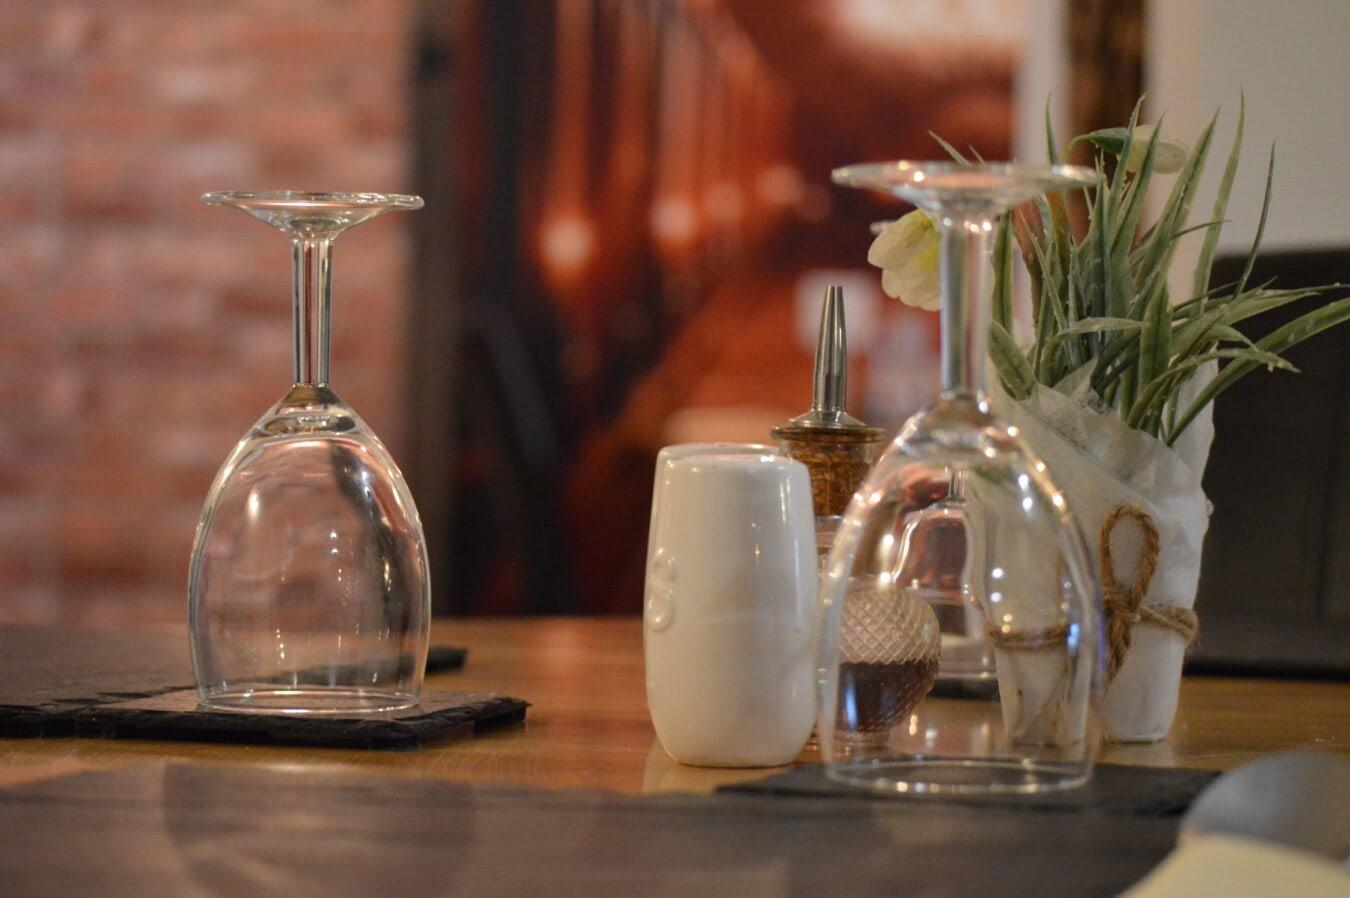 verre, verrerie, crystal, nappe, table, vaisselle, restaurant, salle à manger, conteneur, à manger